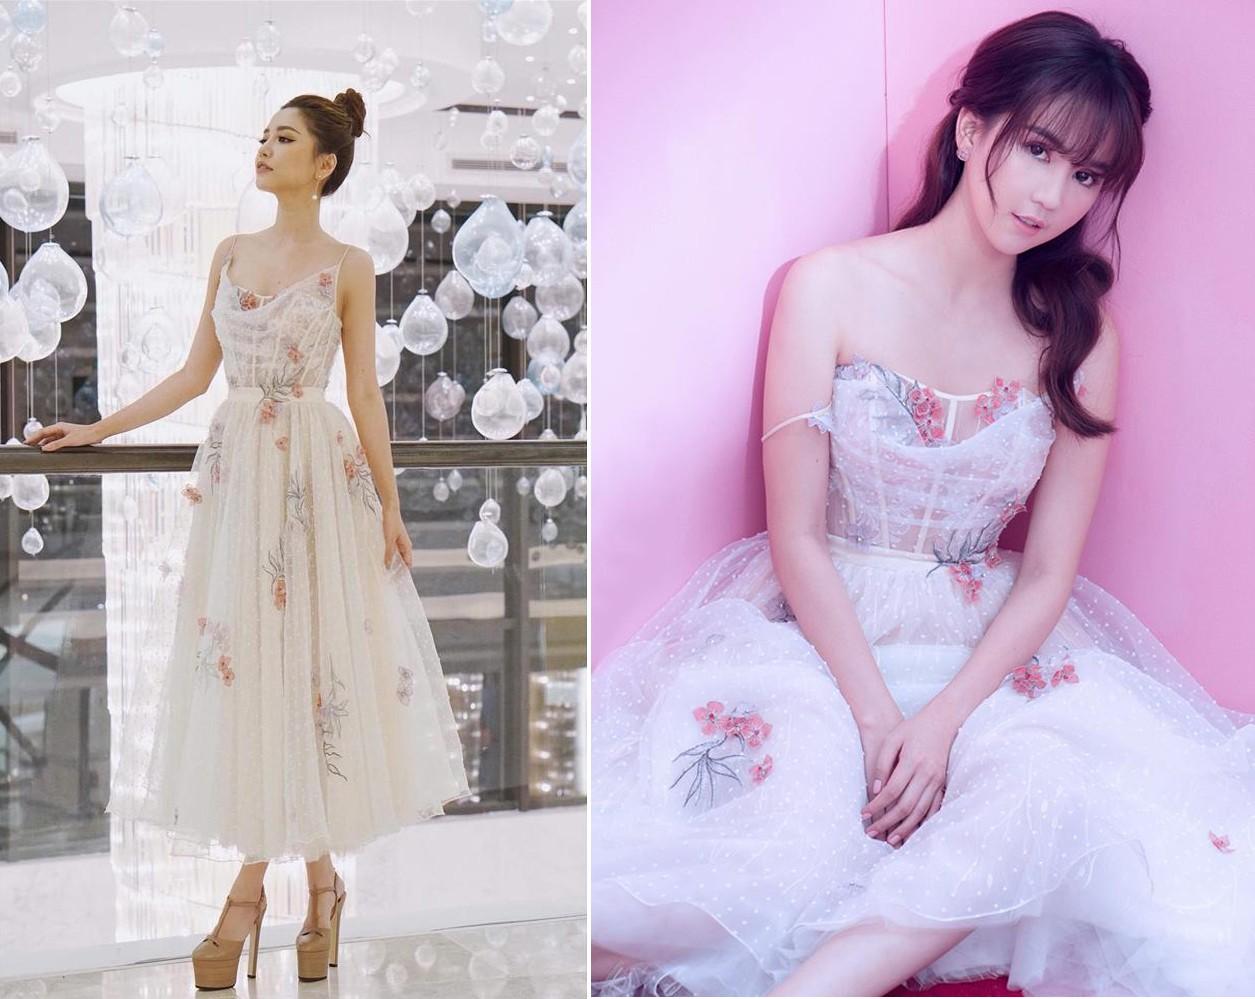 Hậu giảm cân, Bích Phương thua nhiều điểm trước Ngọc Trinh khi đụng váy công chúa - Ảnh 8.